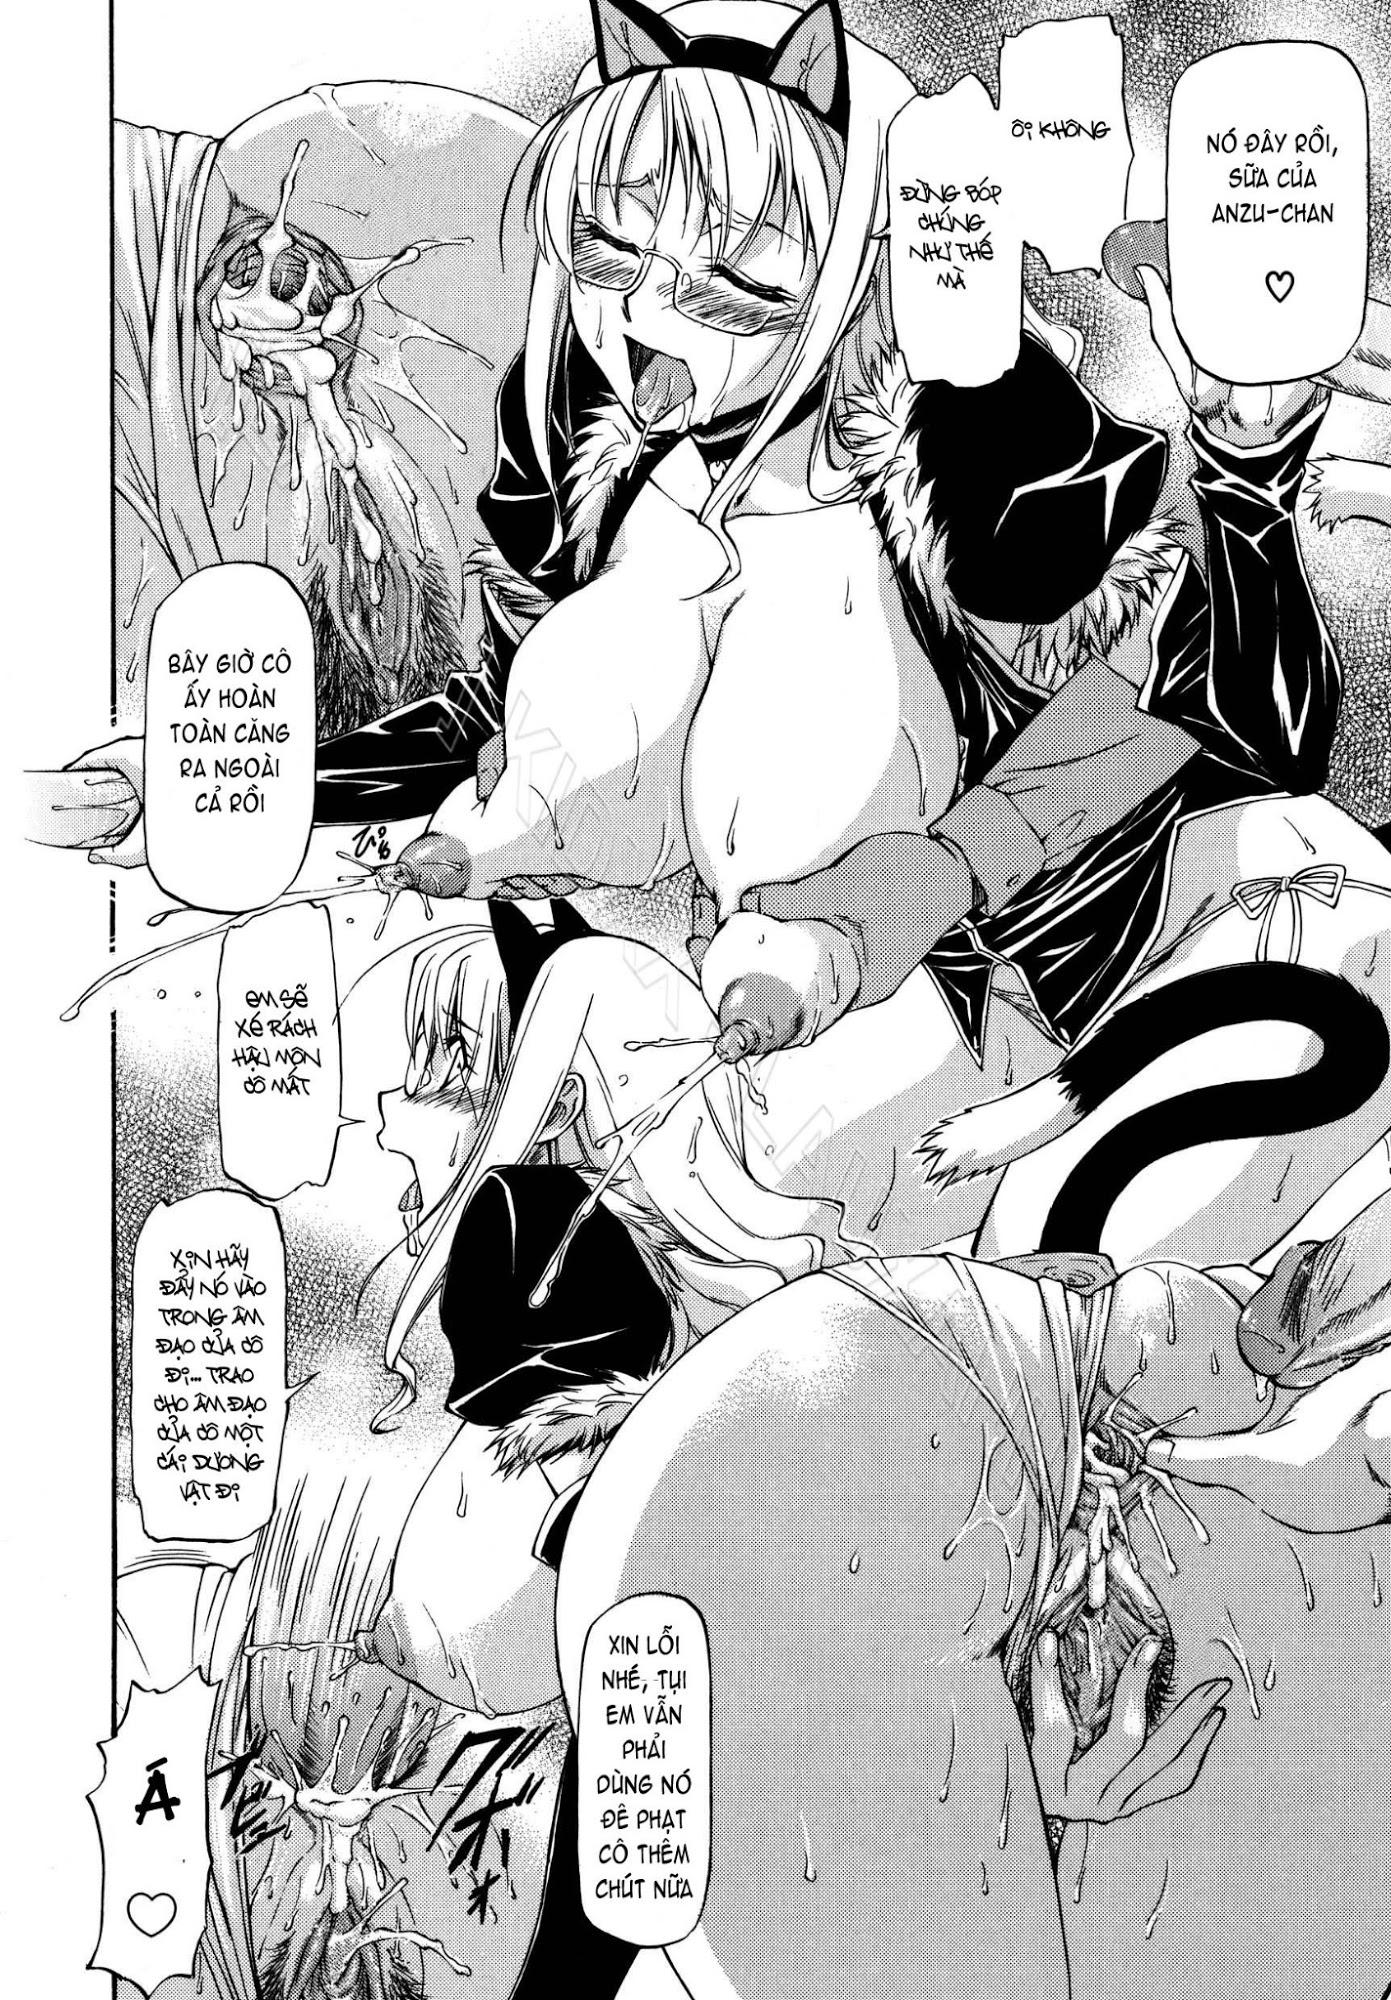 Hình ảnh Hinh_013 trong bài viết Truyện tranh hentai không che: Parabellum